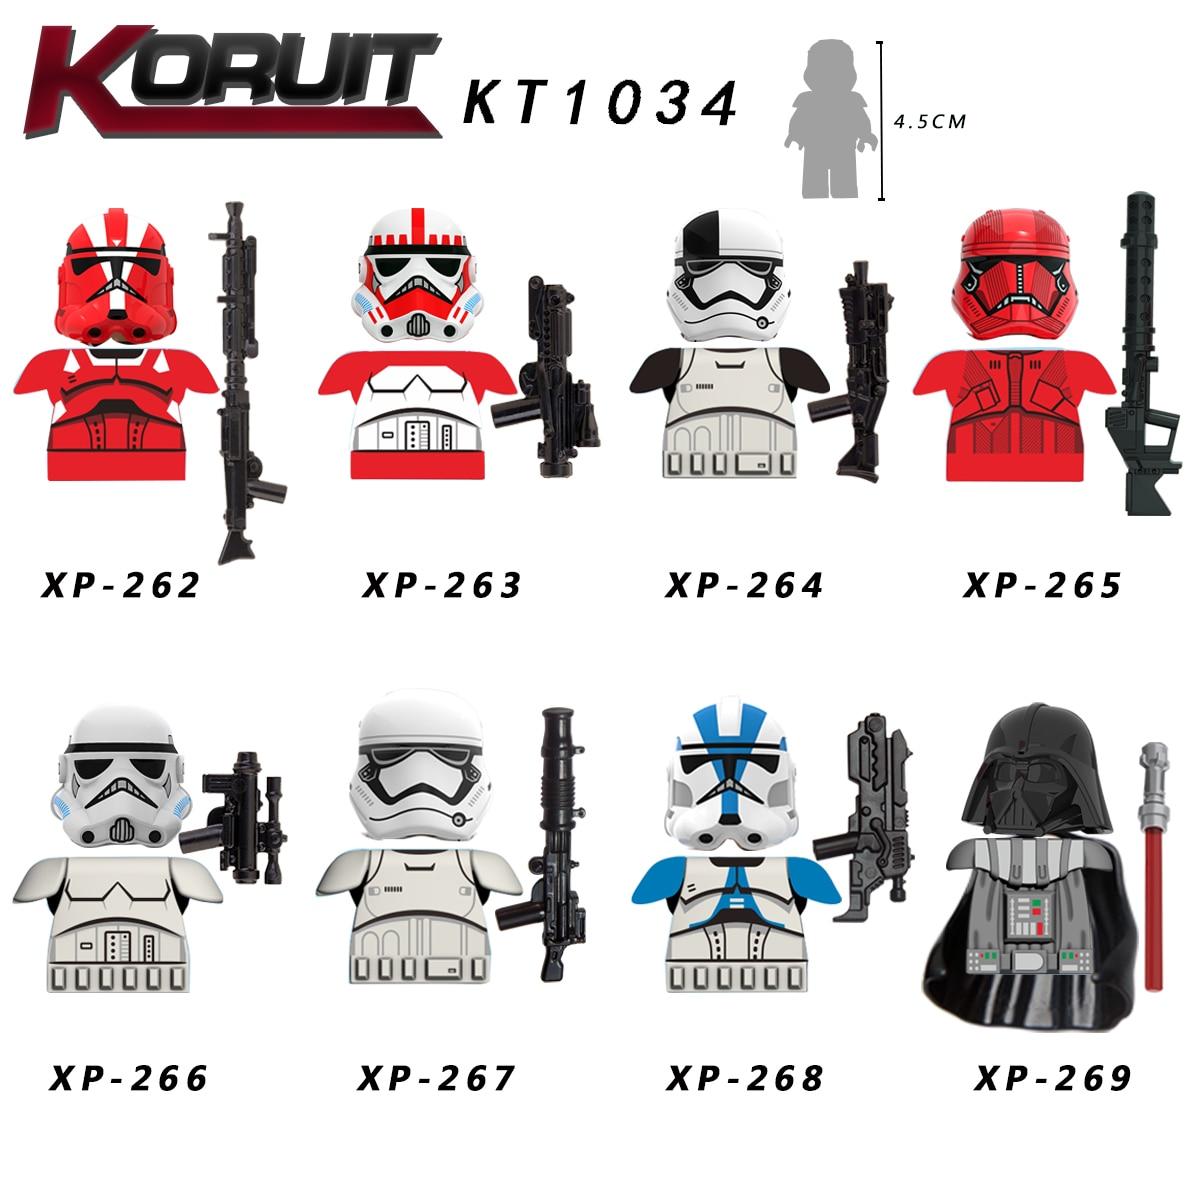 21-pieces-nouvelles-figurines-font-b-starwars-b-font-armee-imperiale-militaire-clone-trooper-choc-trooper-mini-blocs-de-construction-figure-enfant-jouet-cadeau-kt1034